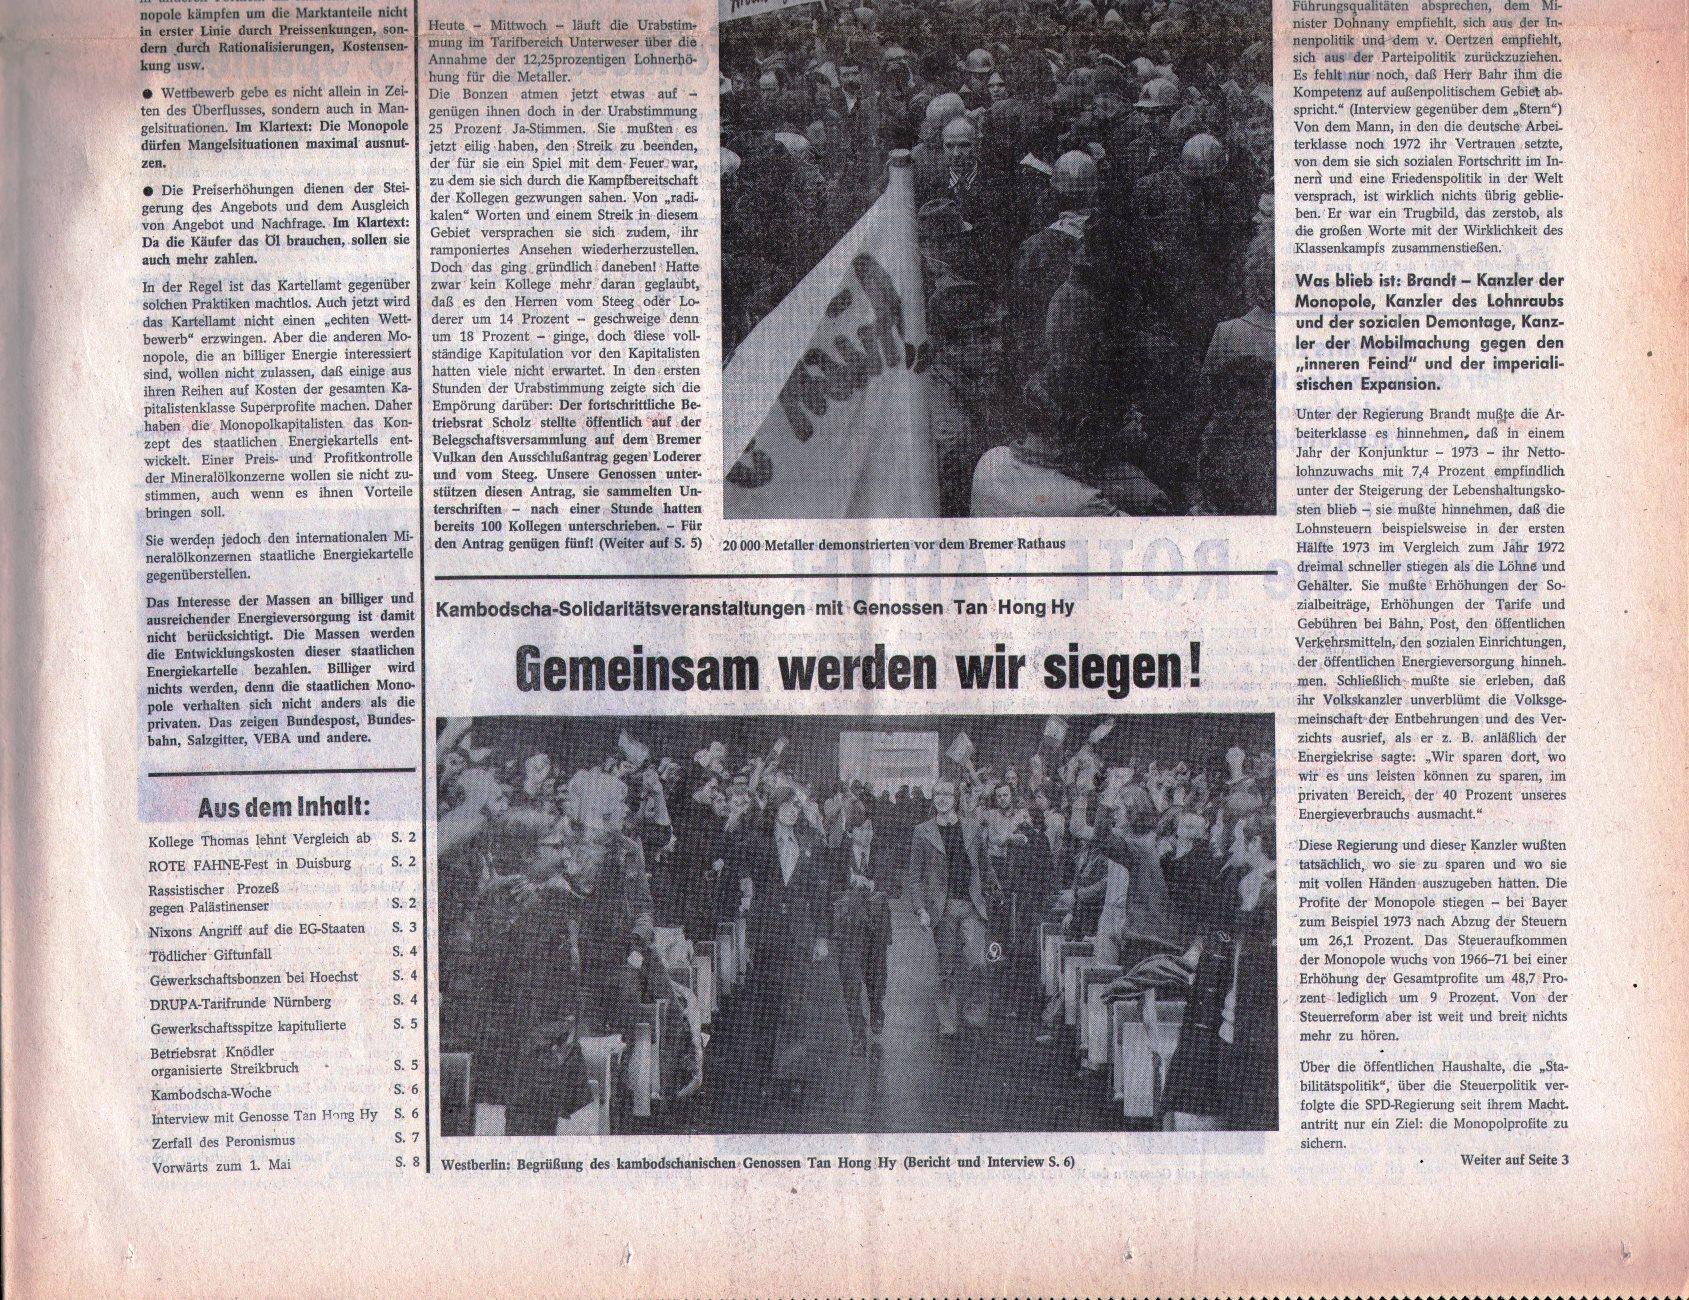 KPD_Rote_Fahne_1974_13_02